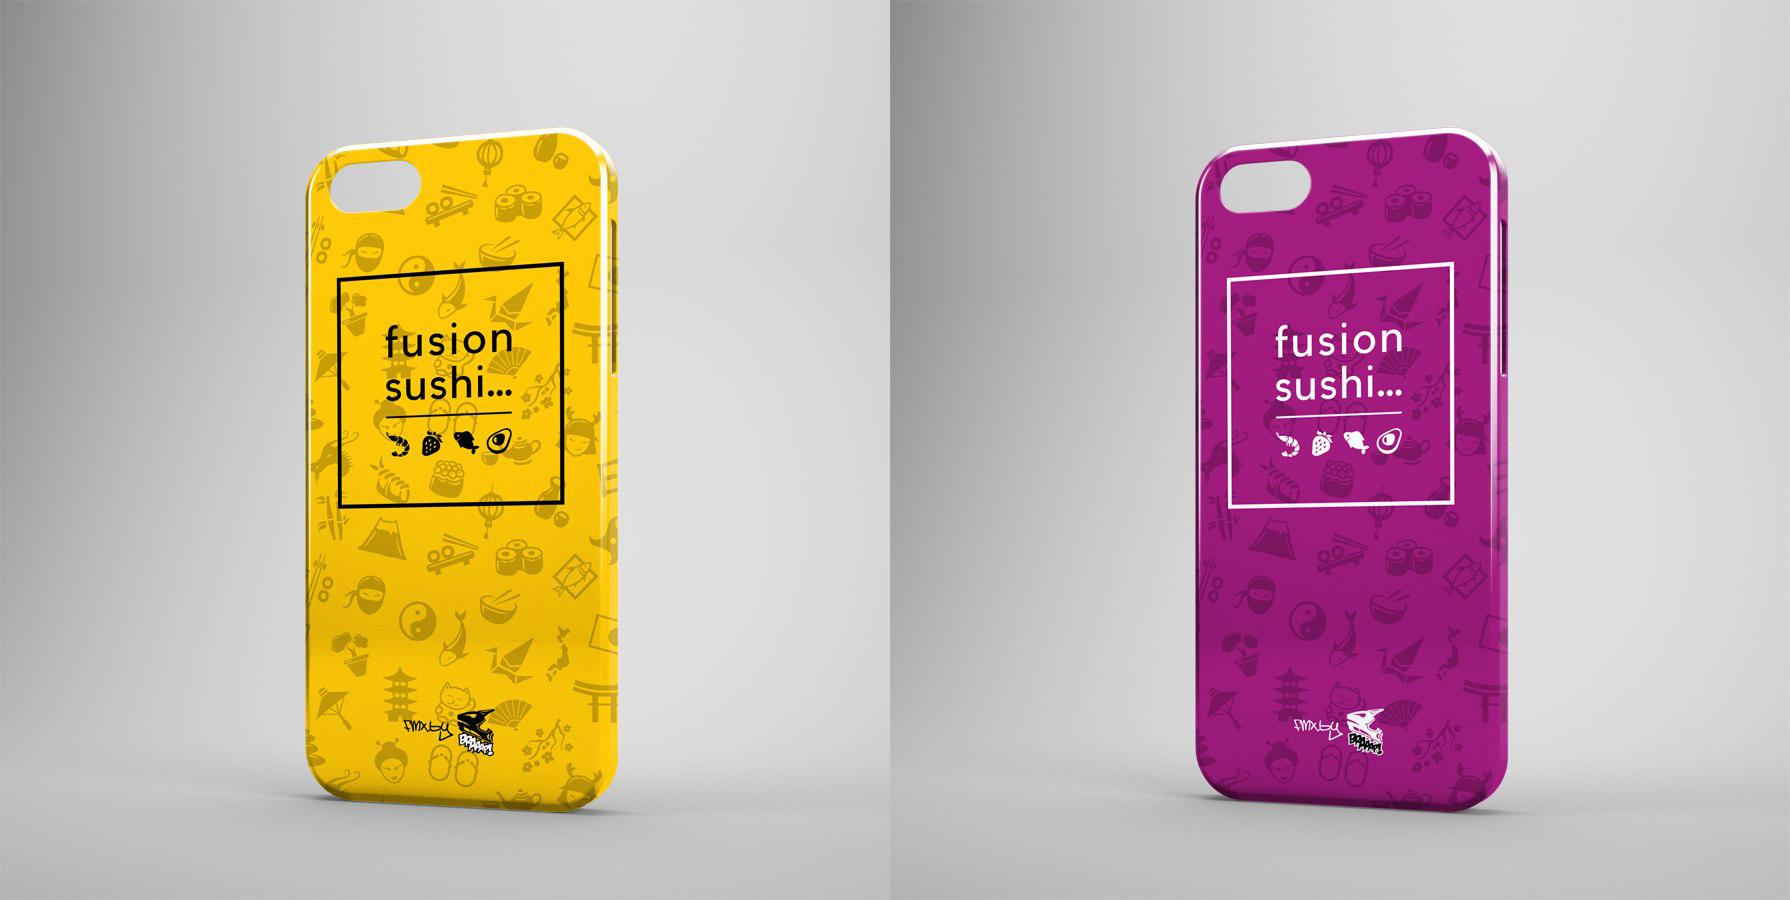 Дизайн чехлов для доставки суши Fushion Sushi (Iphone 6)